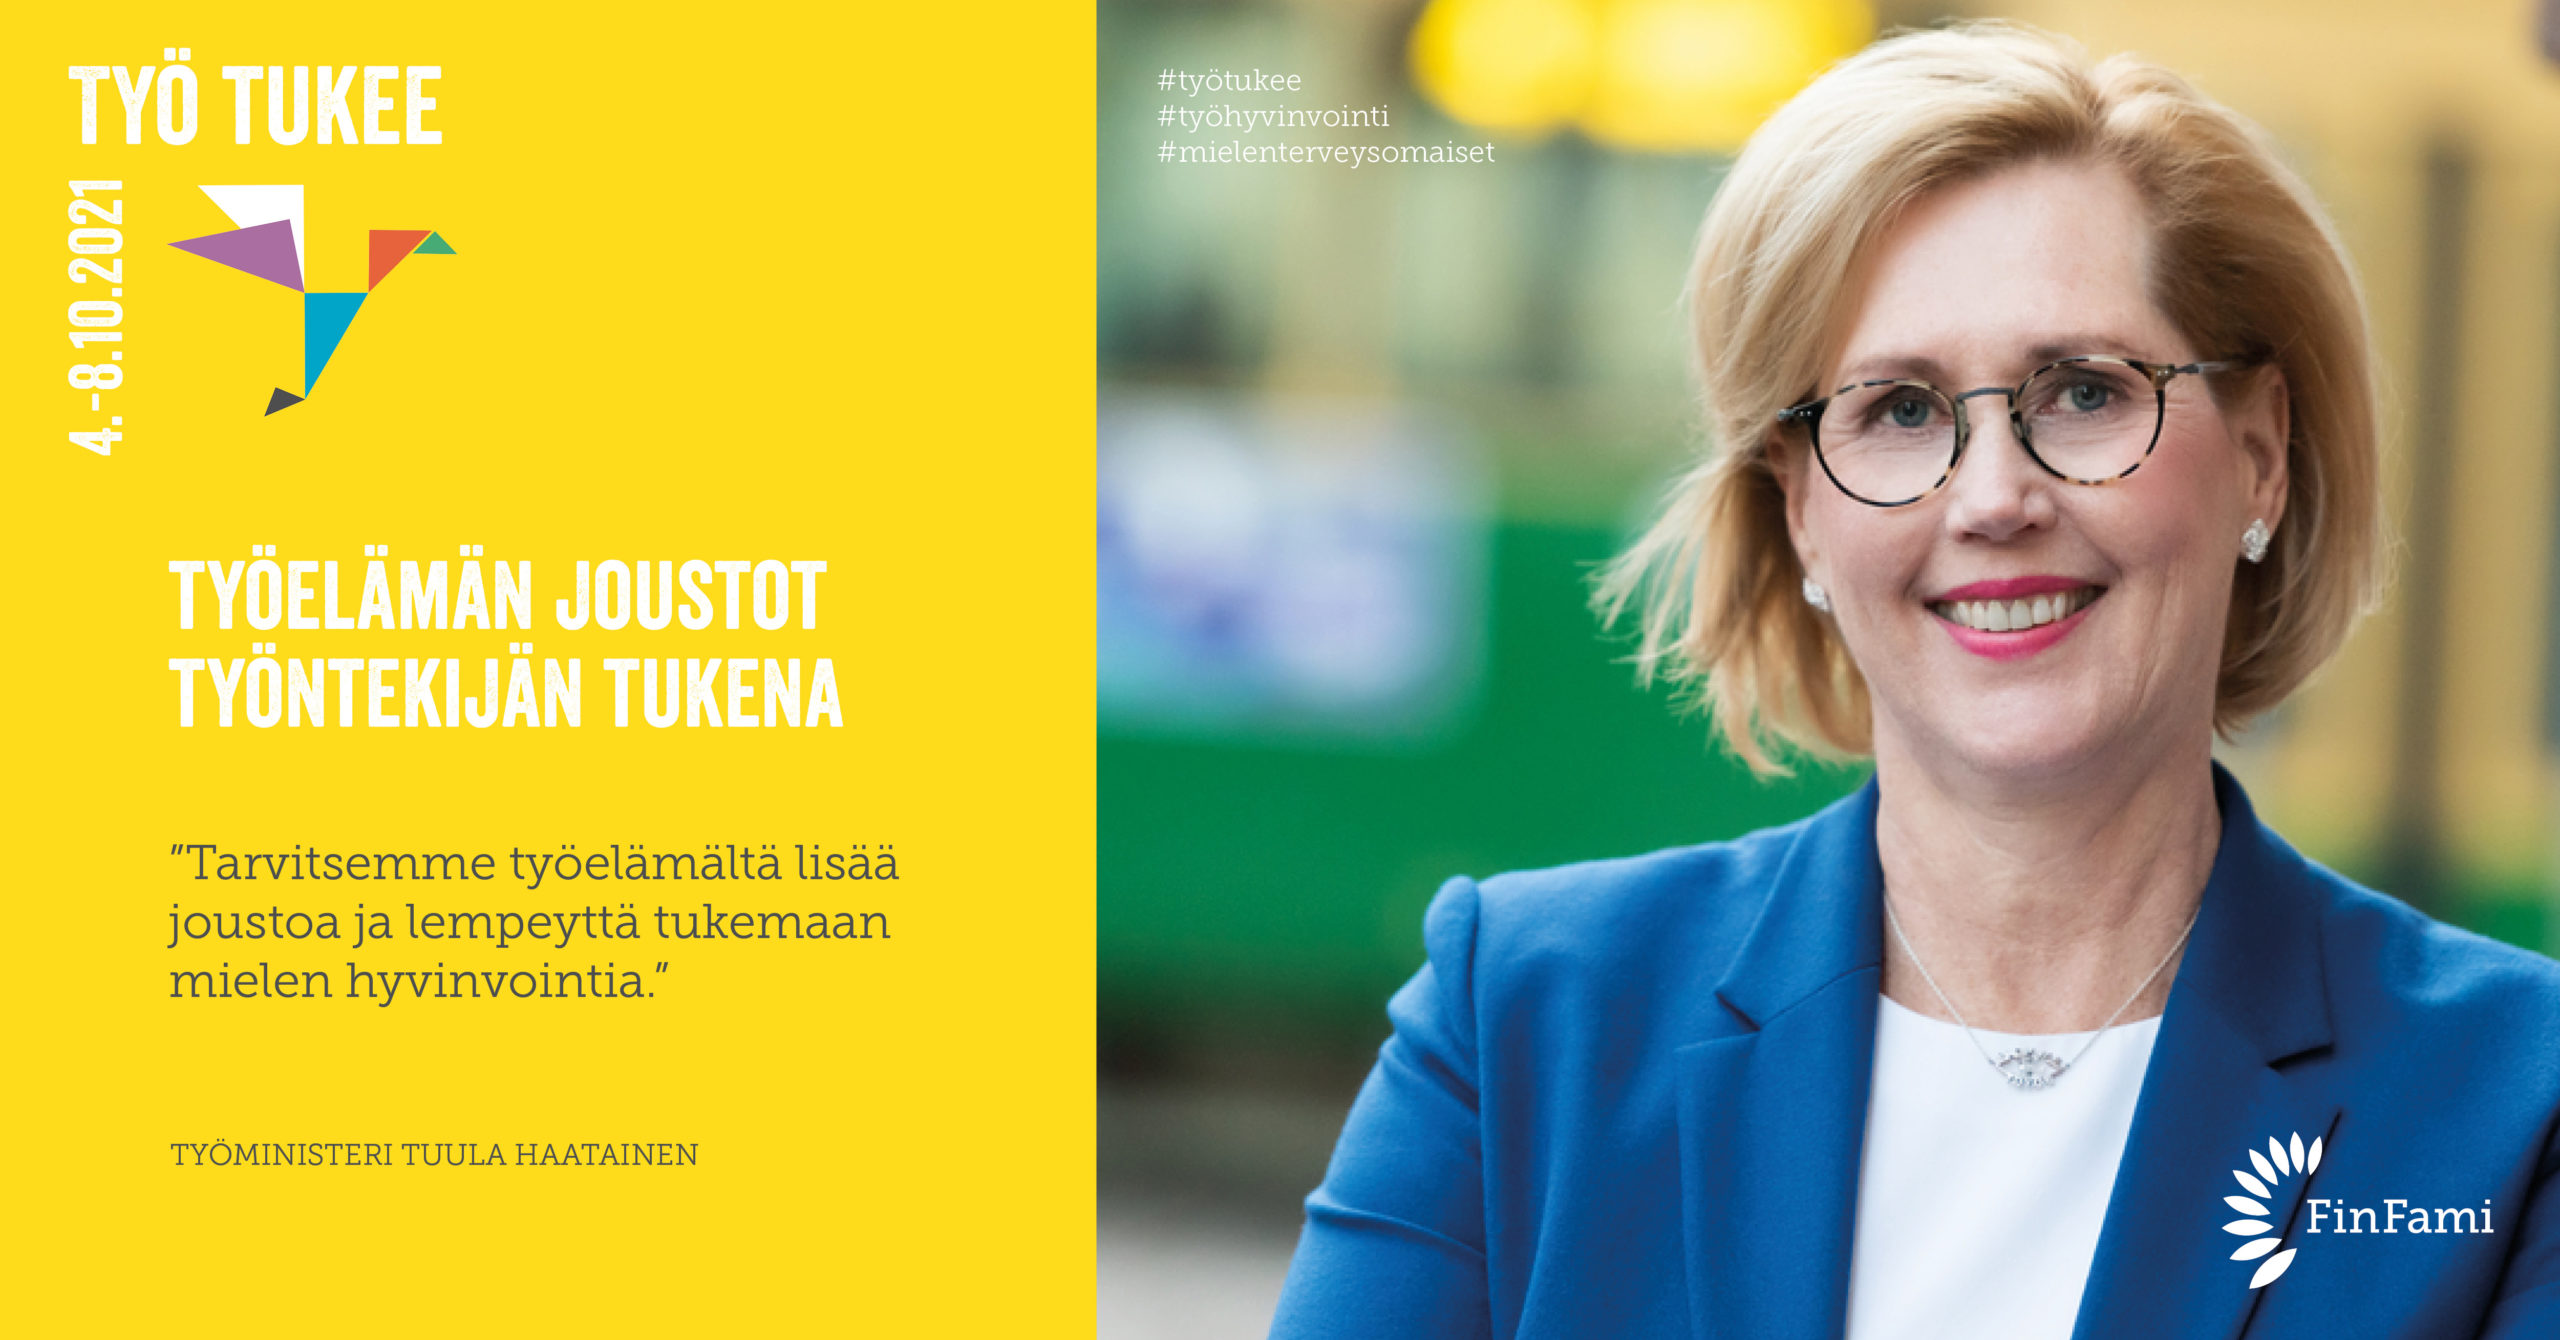 FinFamin Työ tukee -kampanjakuva Mielenterveystaitojen vahvistaminen työelämässä